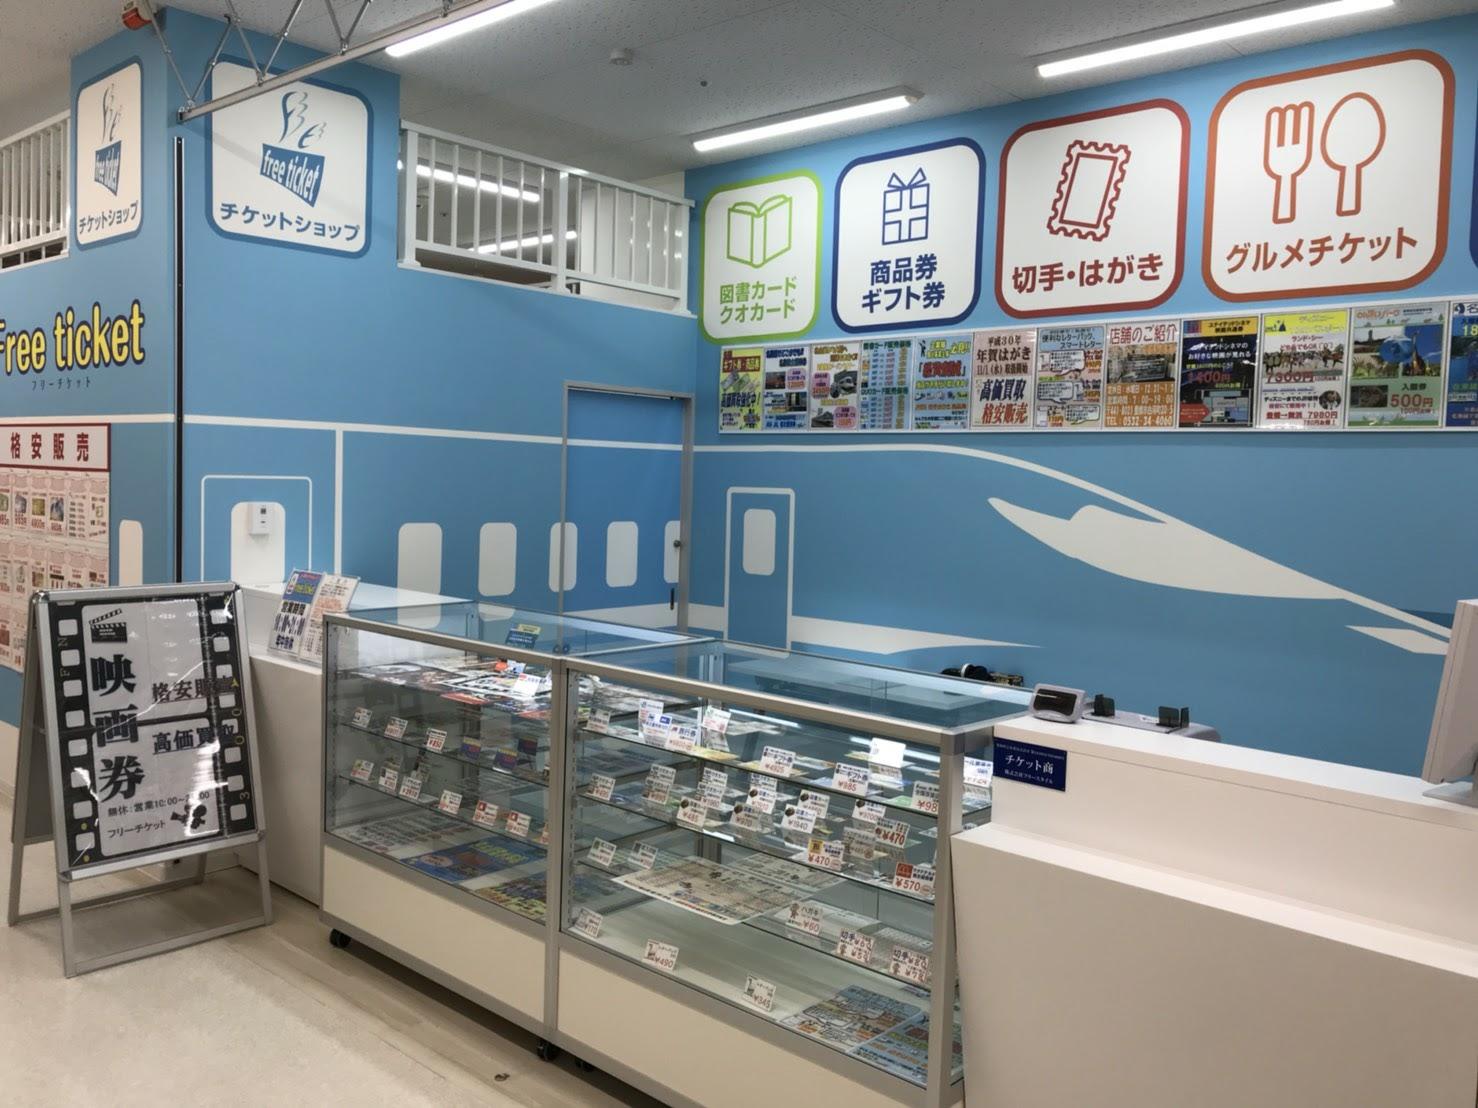 フリーチケットドンキ豊橋店店舗画像